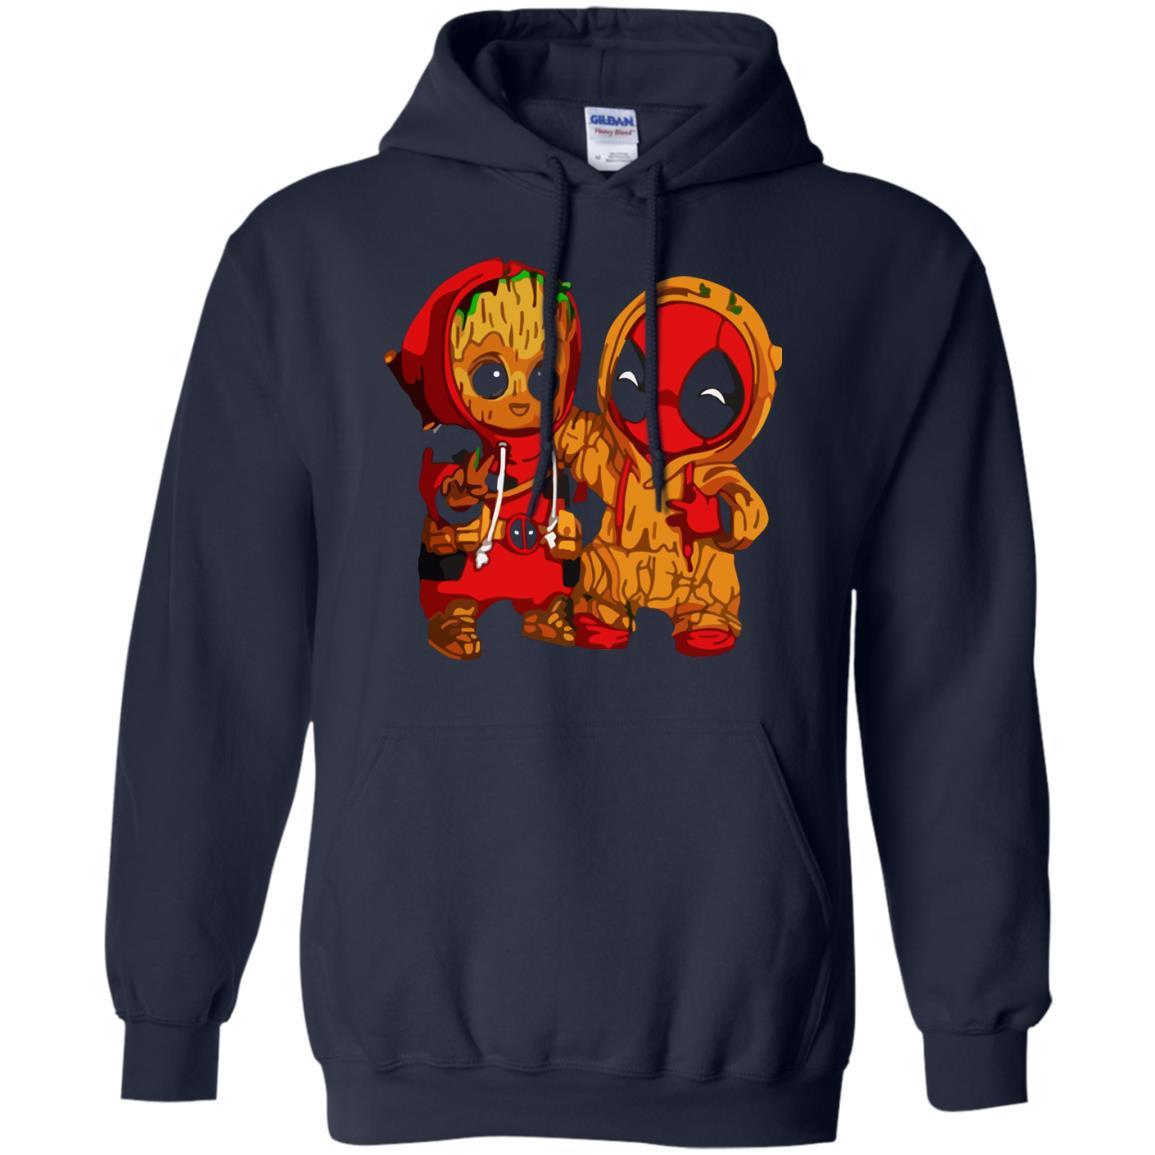 image 436 - Baby Groot And Deadpool Sweatshirt, Hoodie